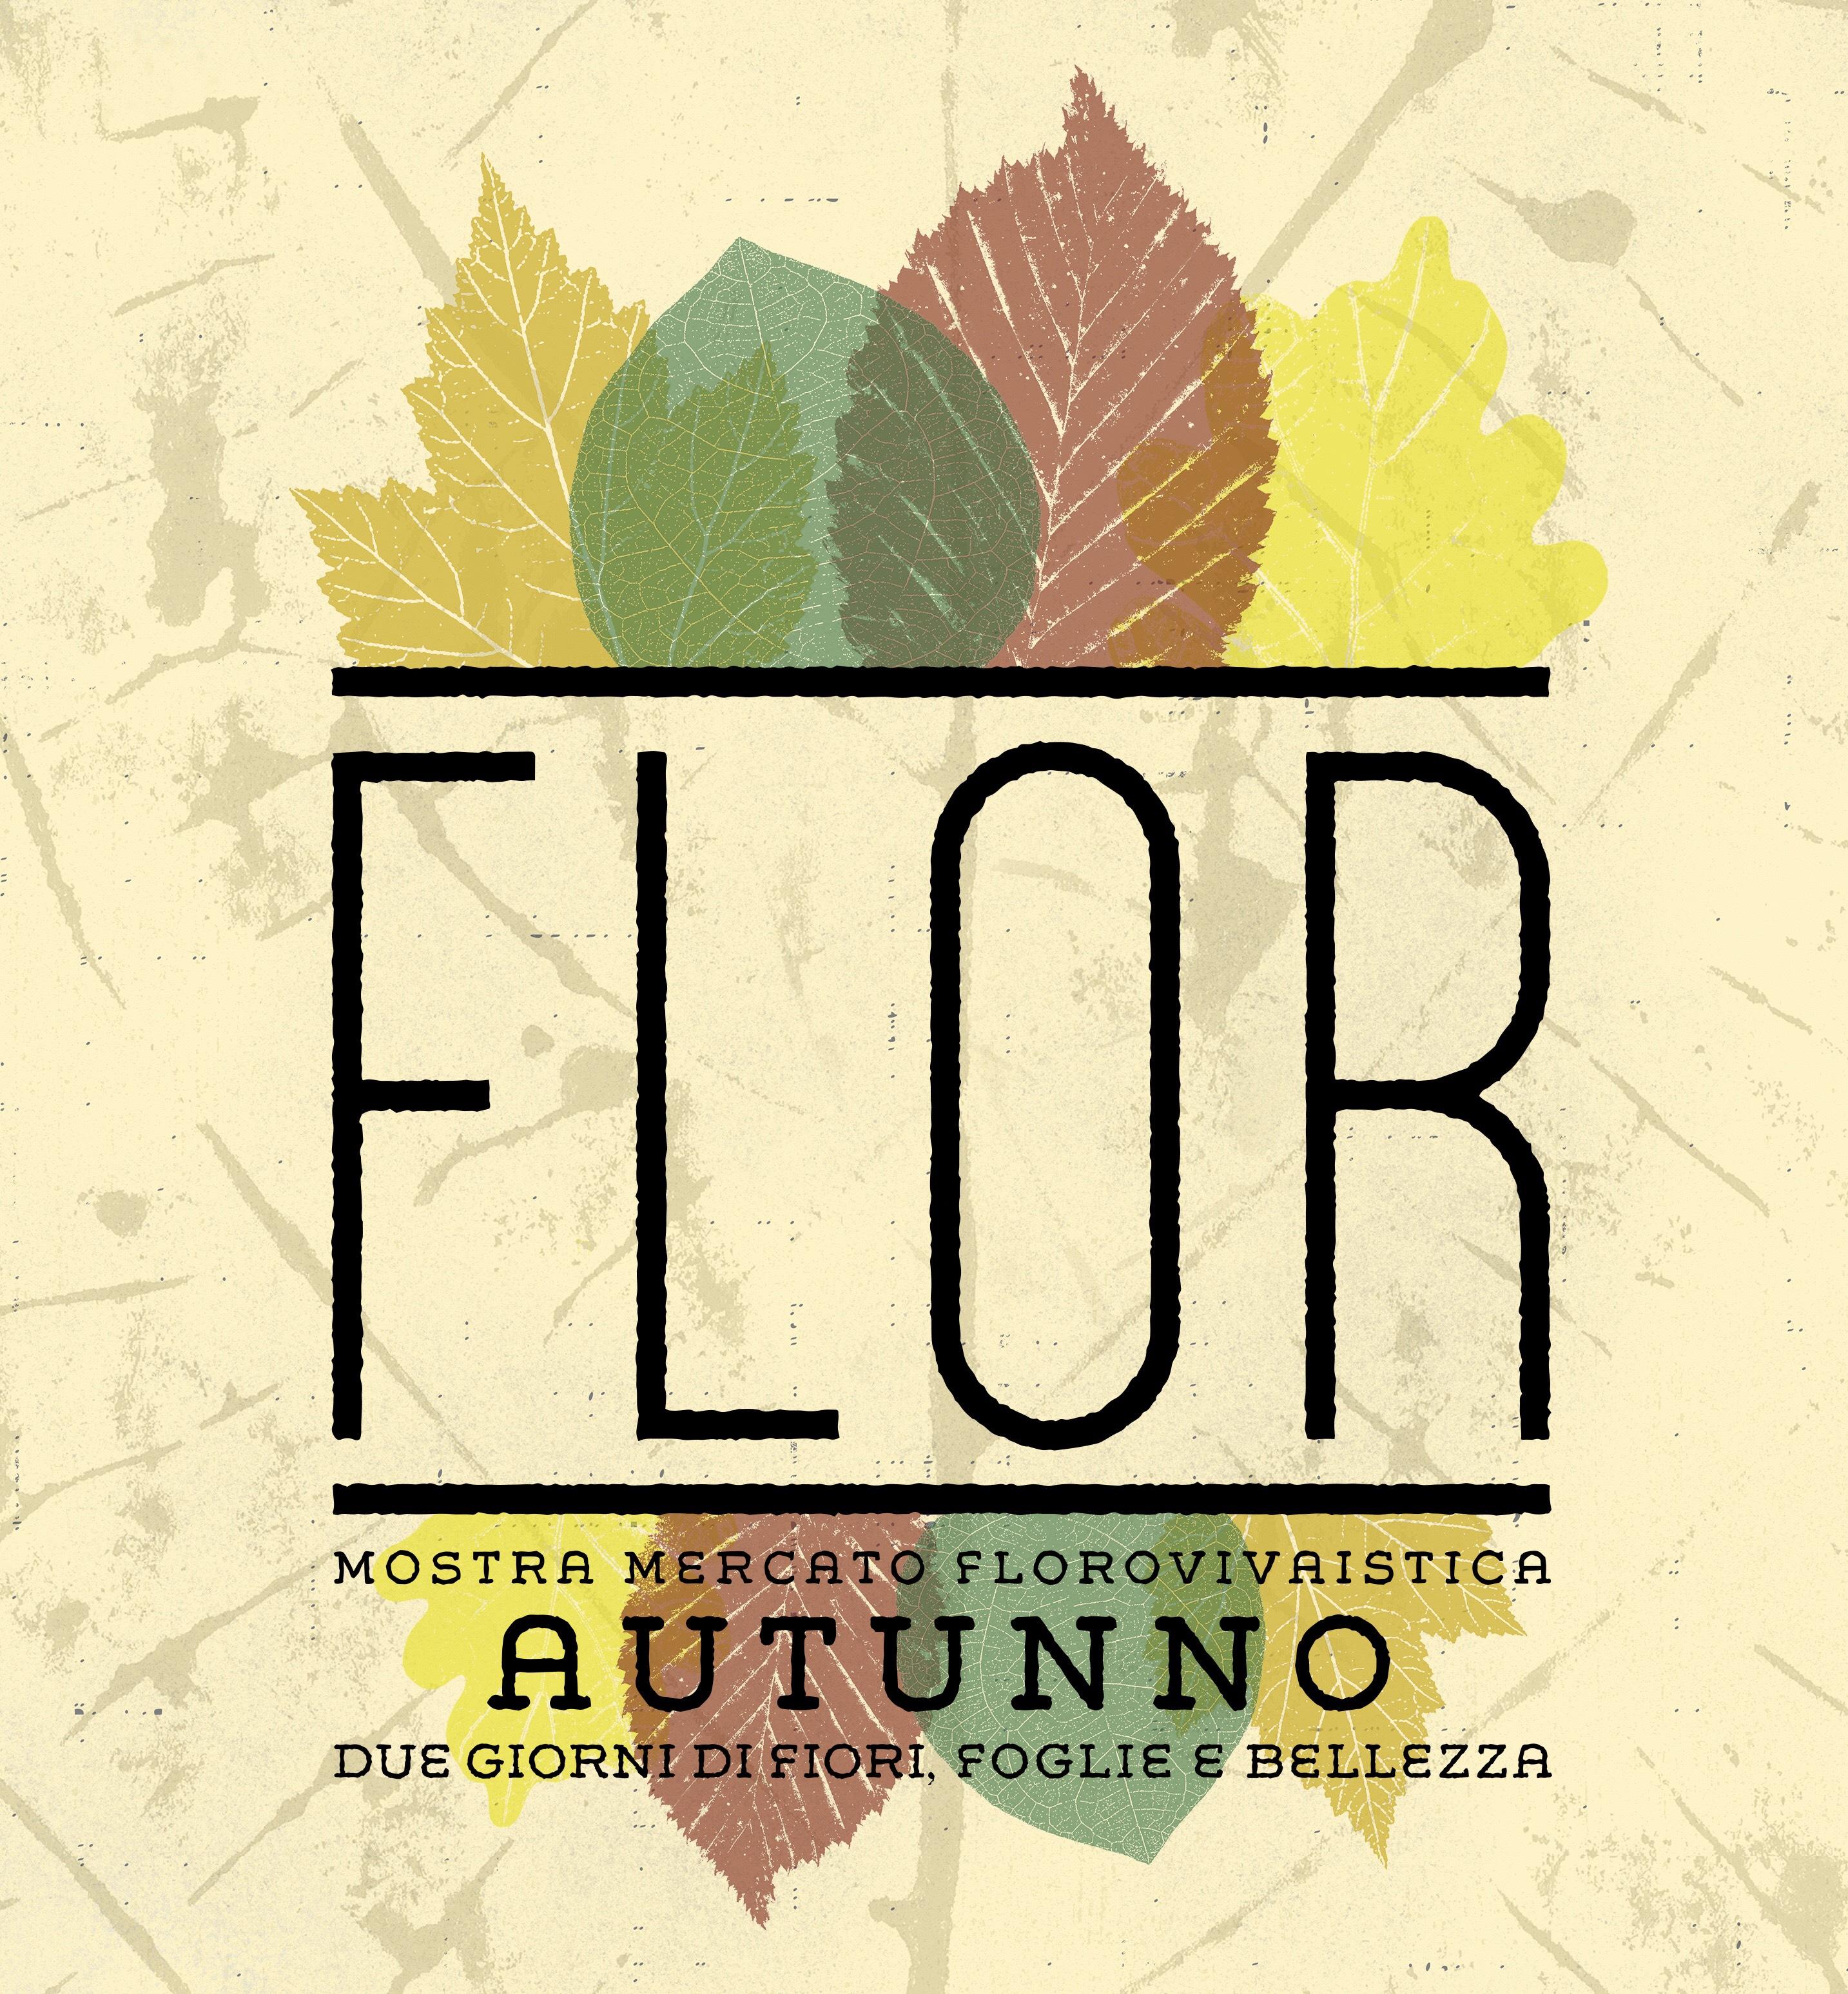 Flor autunno – 13/14 ottobre 2018